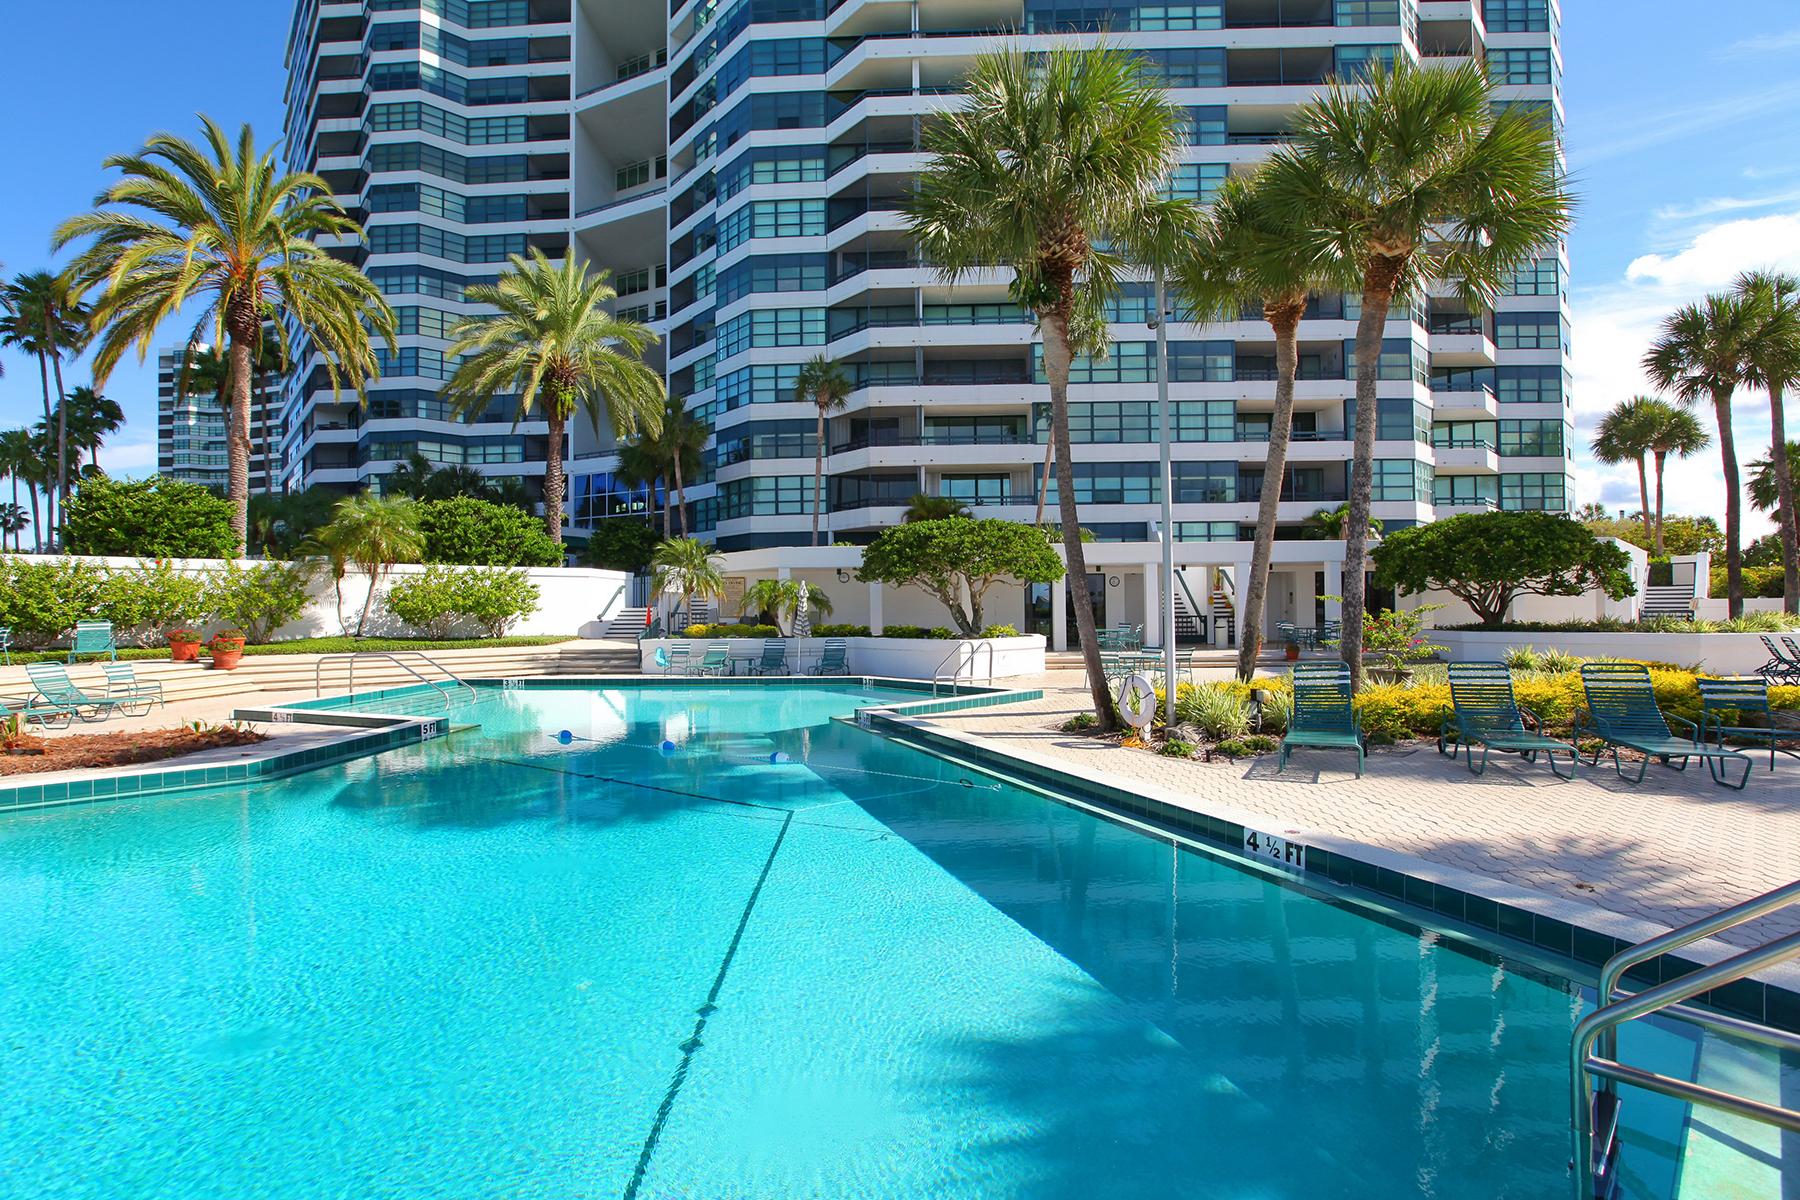 Nhà chung cư vì Bán tại CONDO ON THE BAY 888 Blvd Of The Arts 1901, 1902, Sarasota, Florida, 34236 Hoa Kỳ